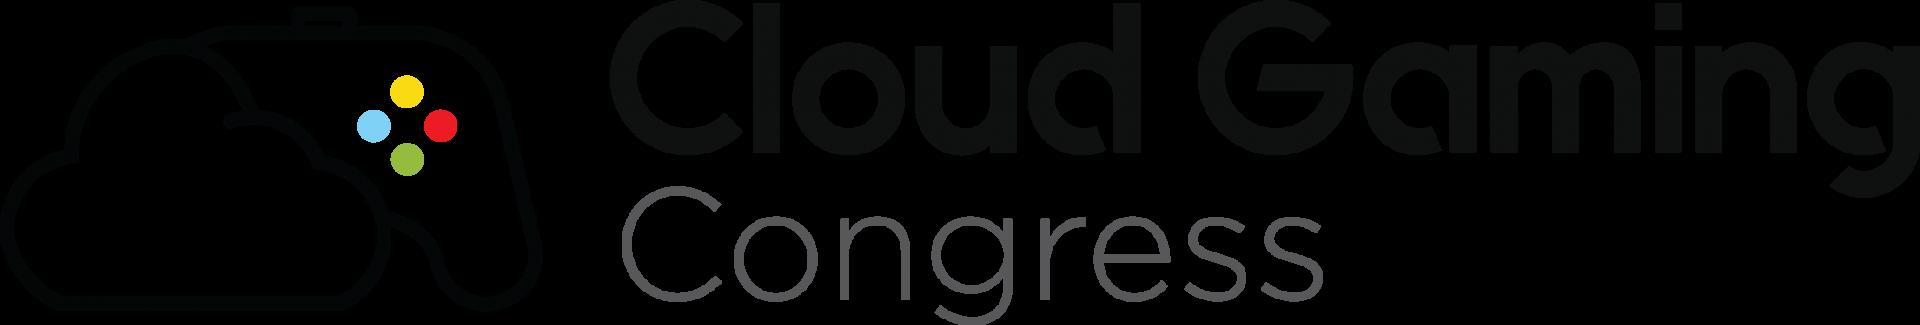 Cloud Gaming Congress